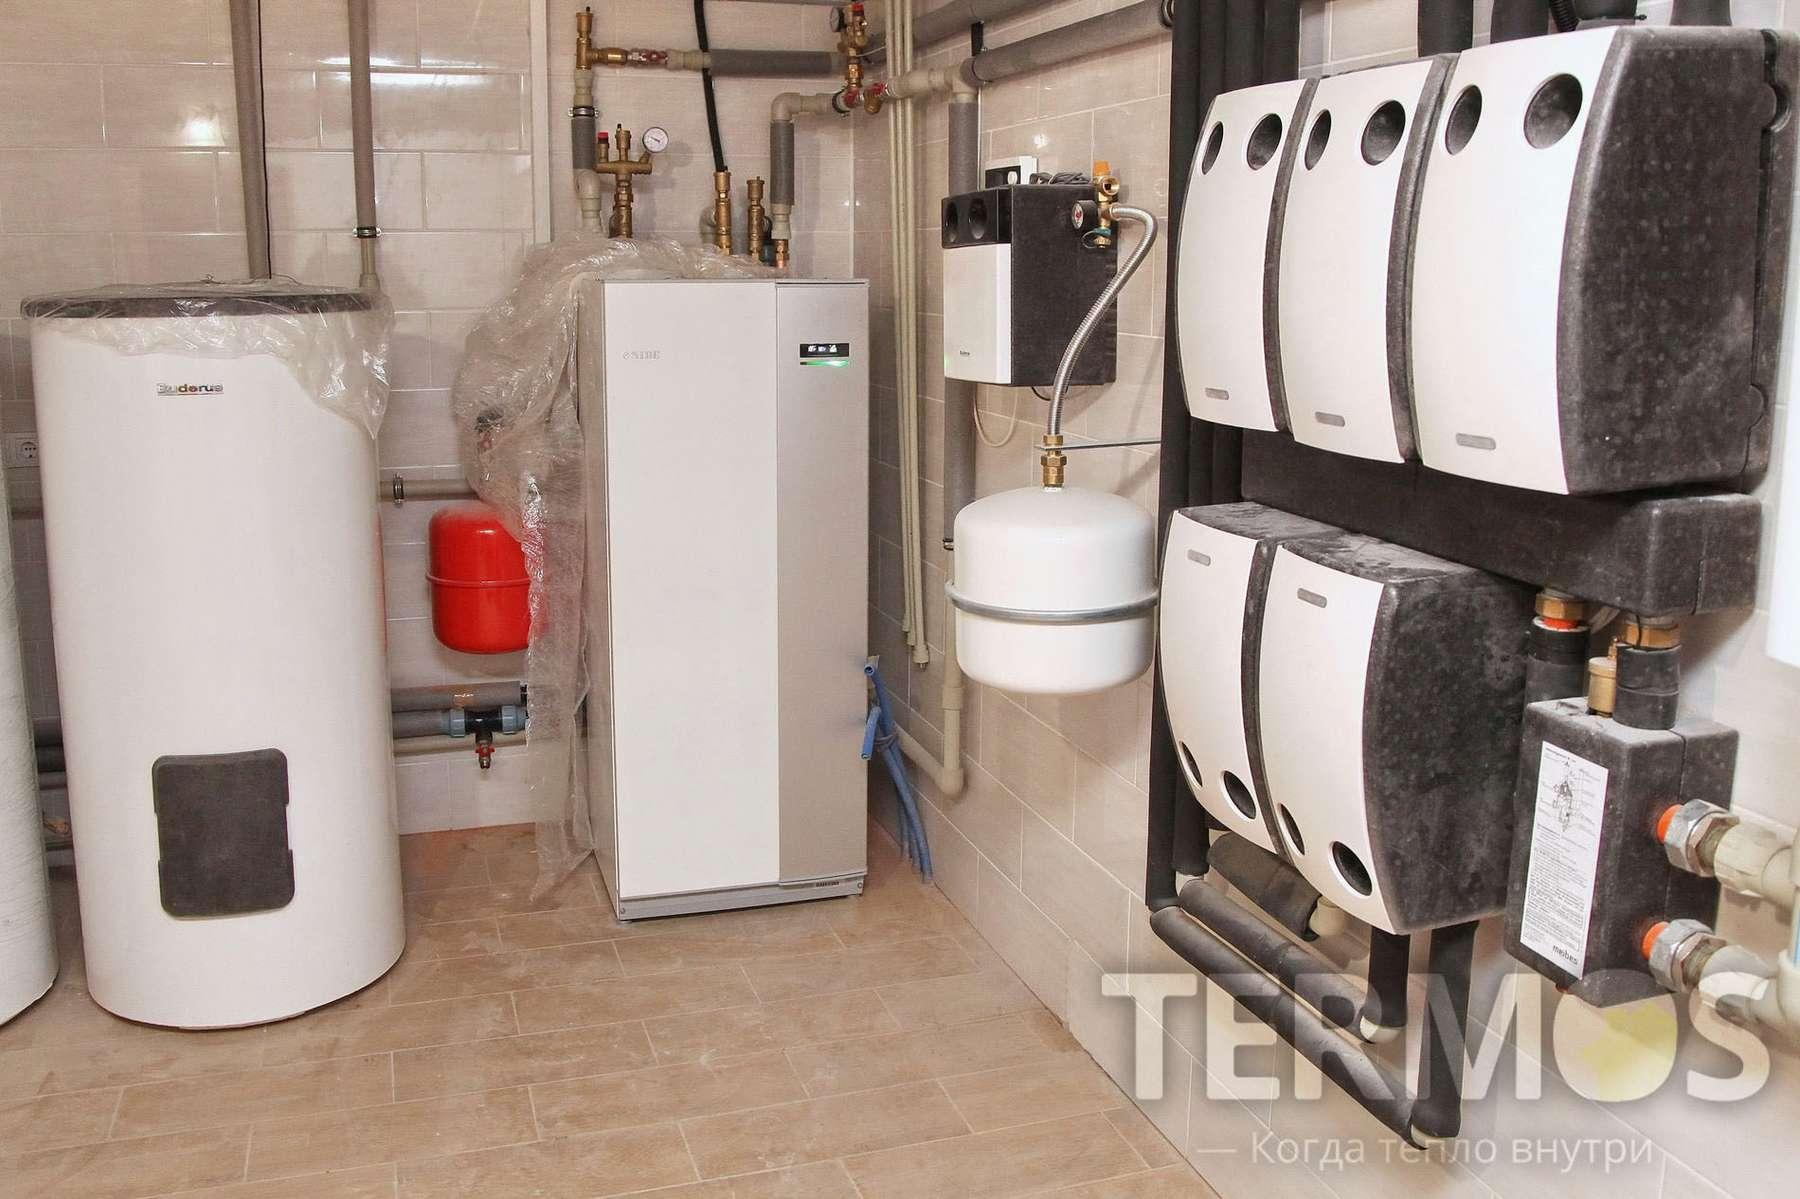 Киев. Дом 350 кв м система отопления, на геотермальном тепловом насосе NIBE F1155 (Швеция) 16 кВт, с 5 геотермальными скважинами по 65 м